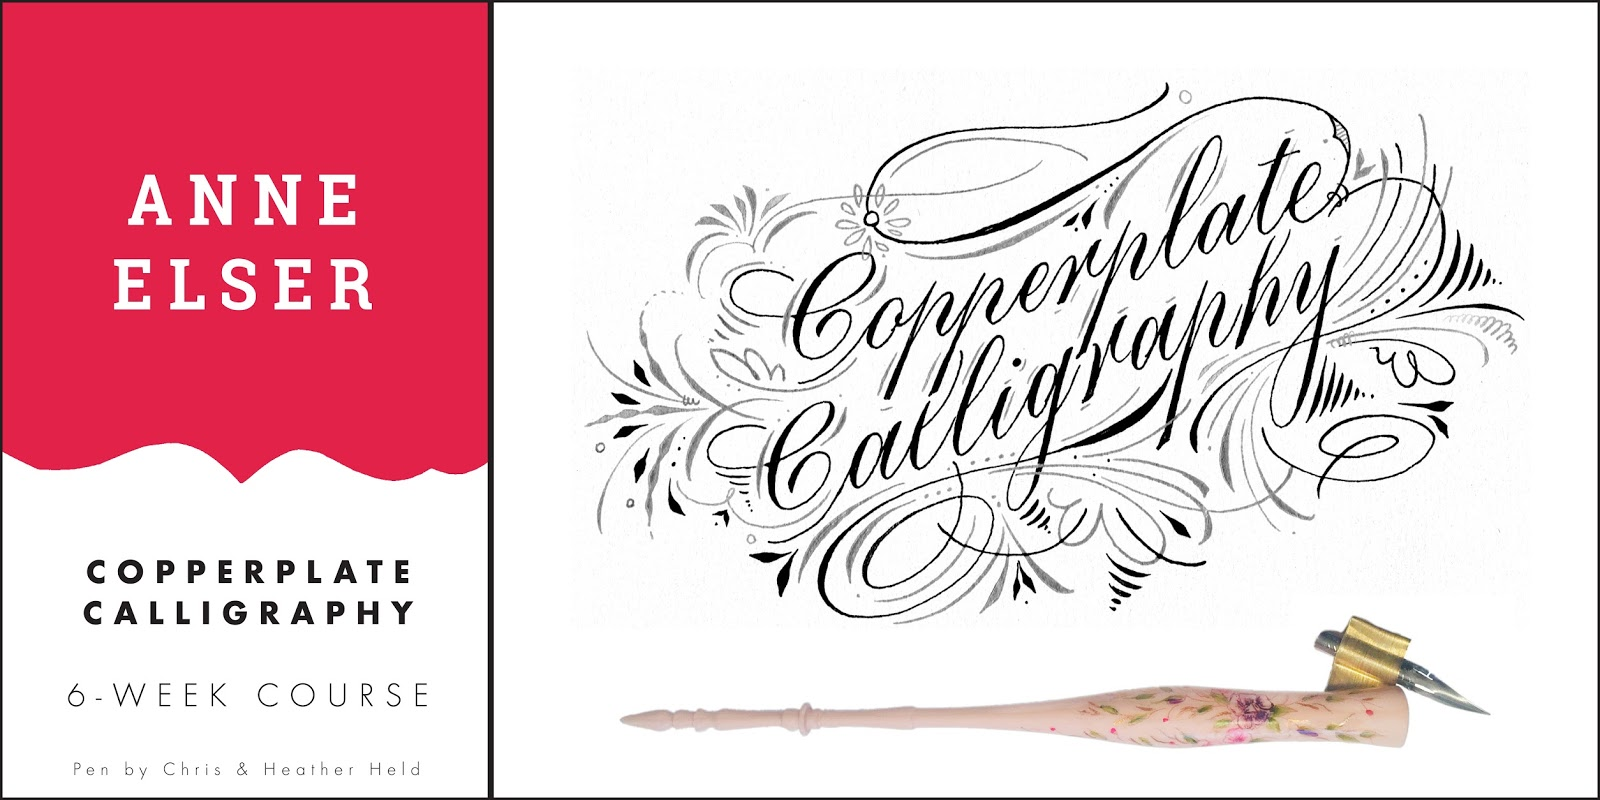 Anne elser Anne elser calligraphy